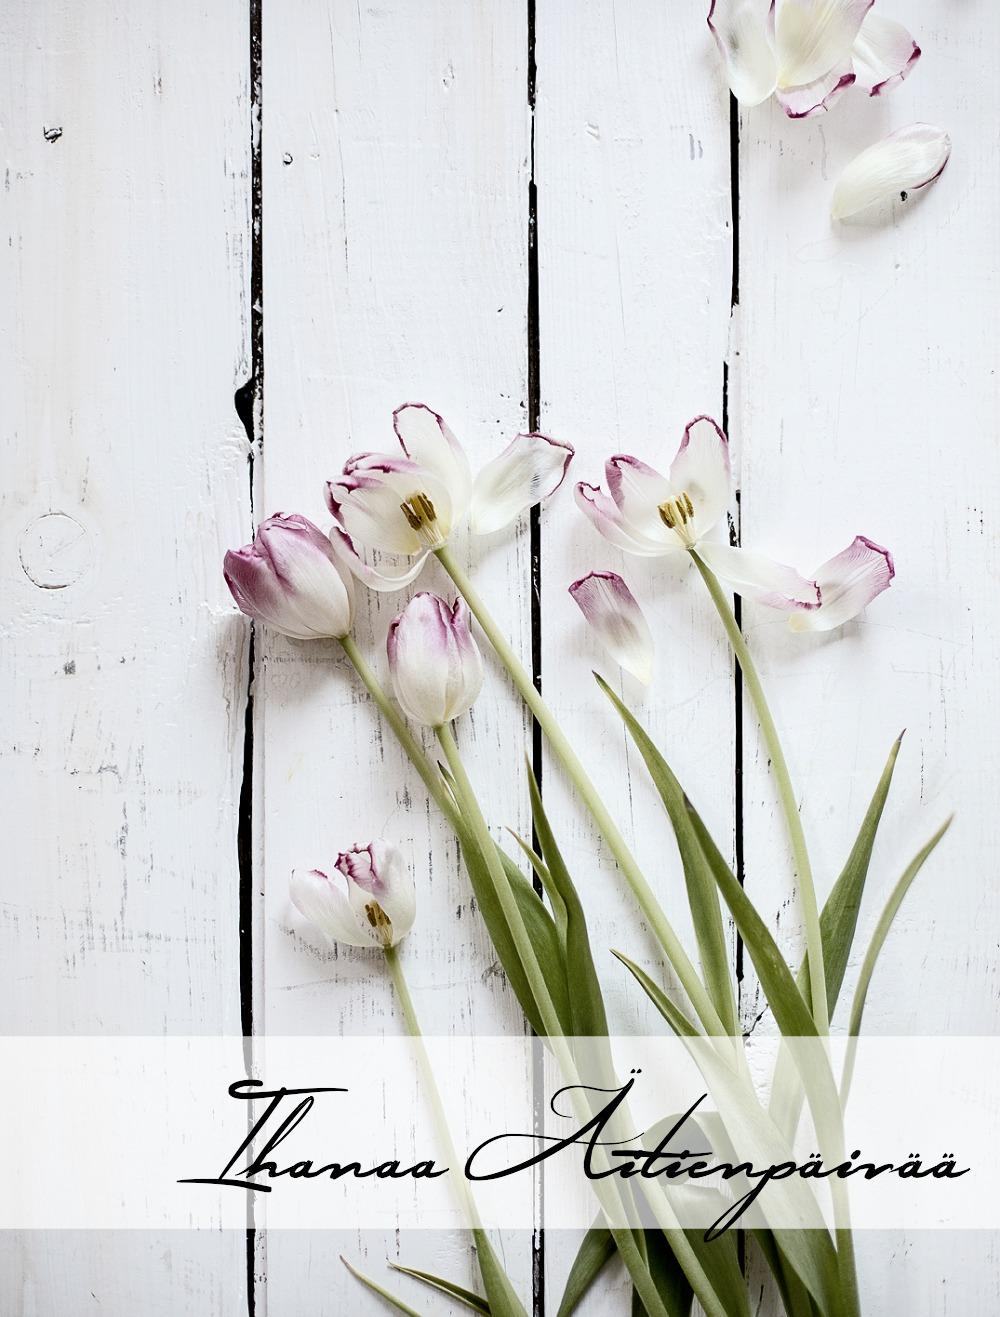 kukat, tulppaanit, mother´s day, Visualaddict, Frida Steiner, Valokuvaaja, valokuvaus, valokuvaaminen